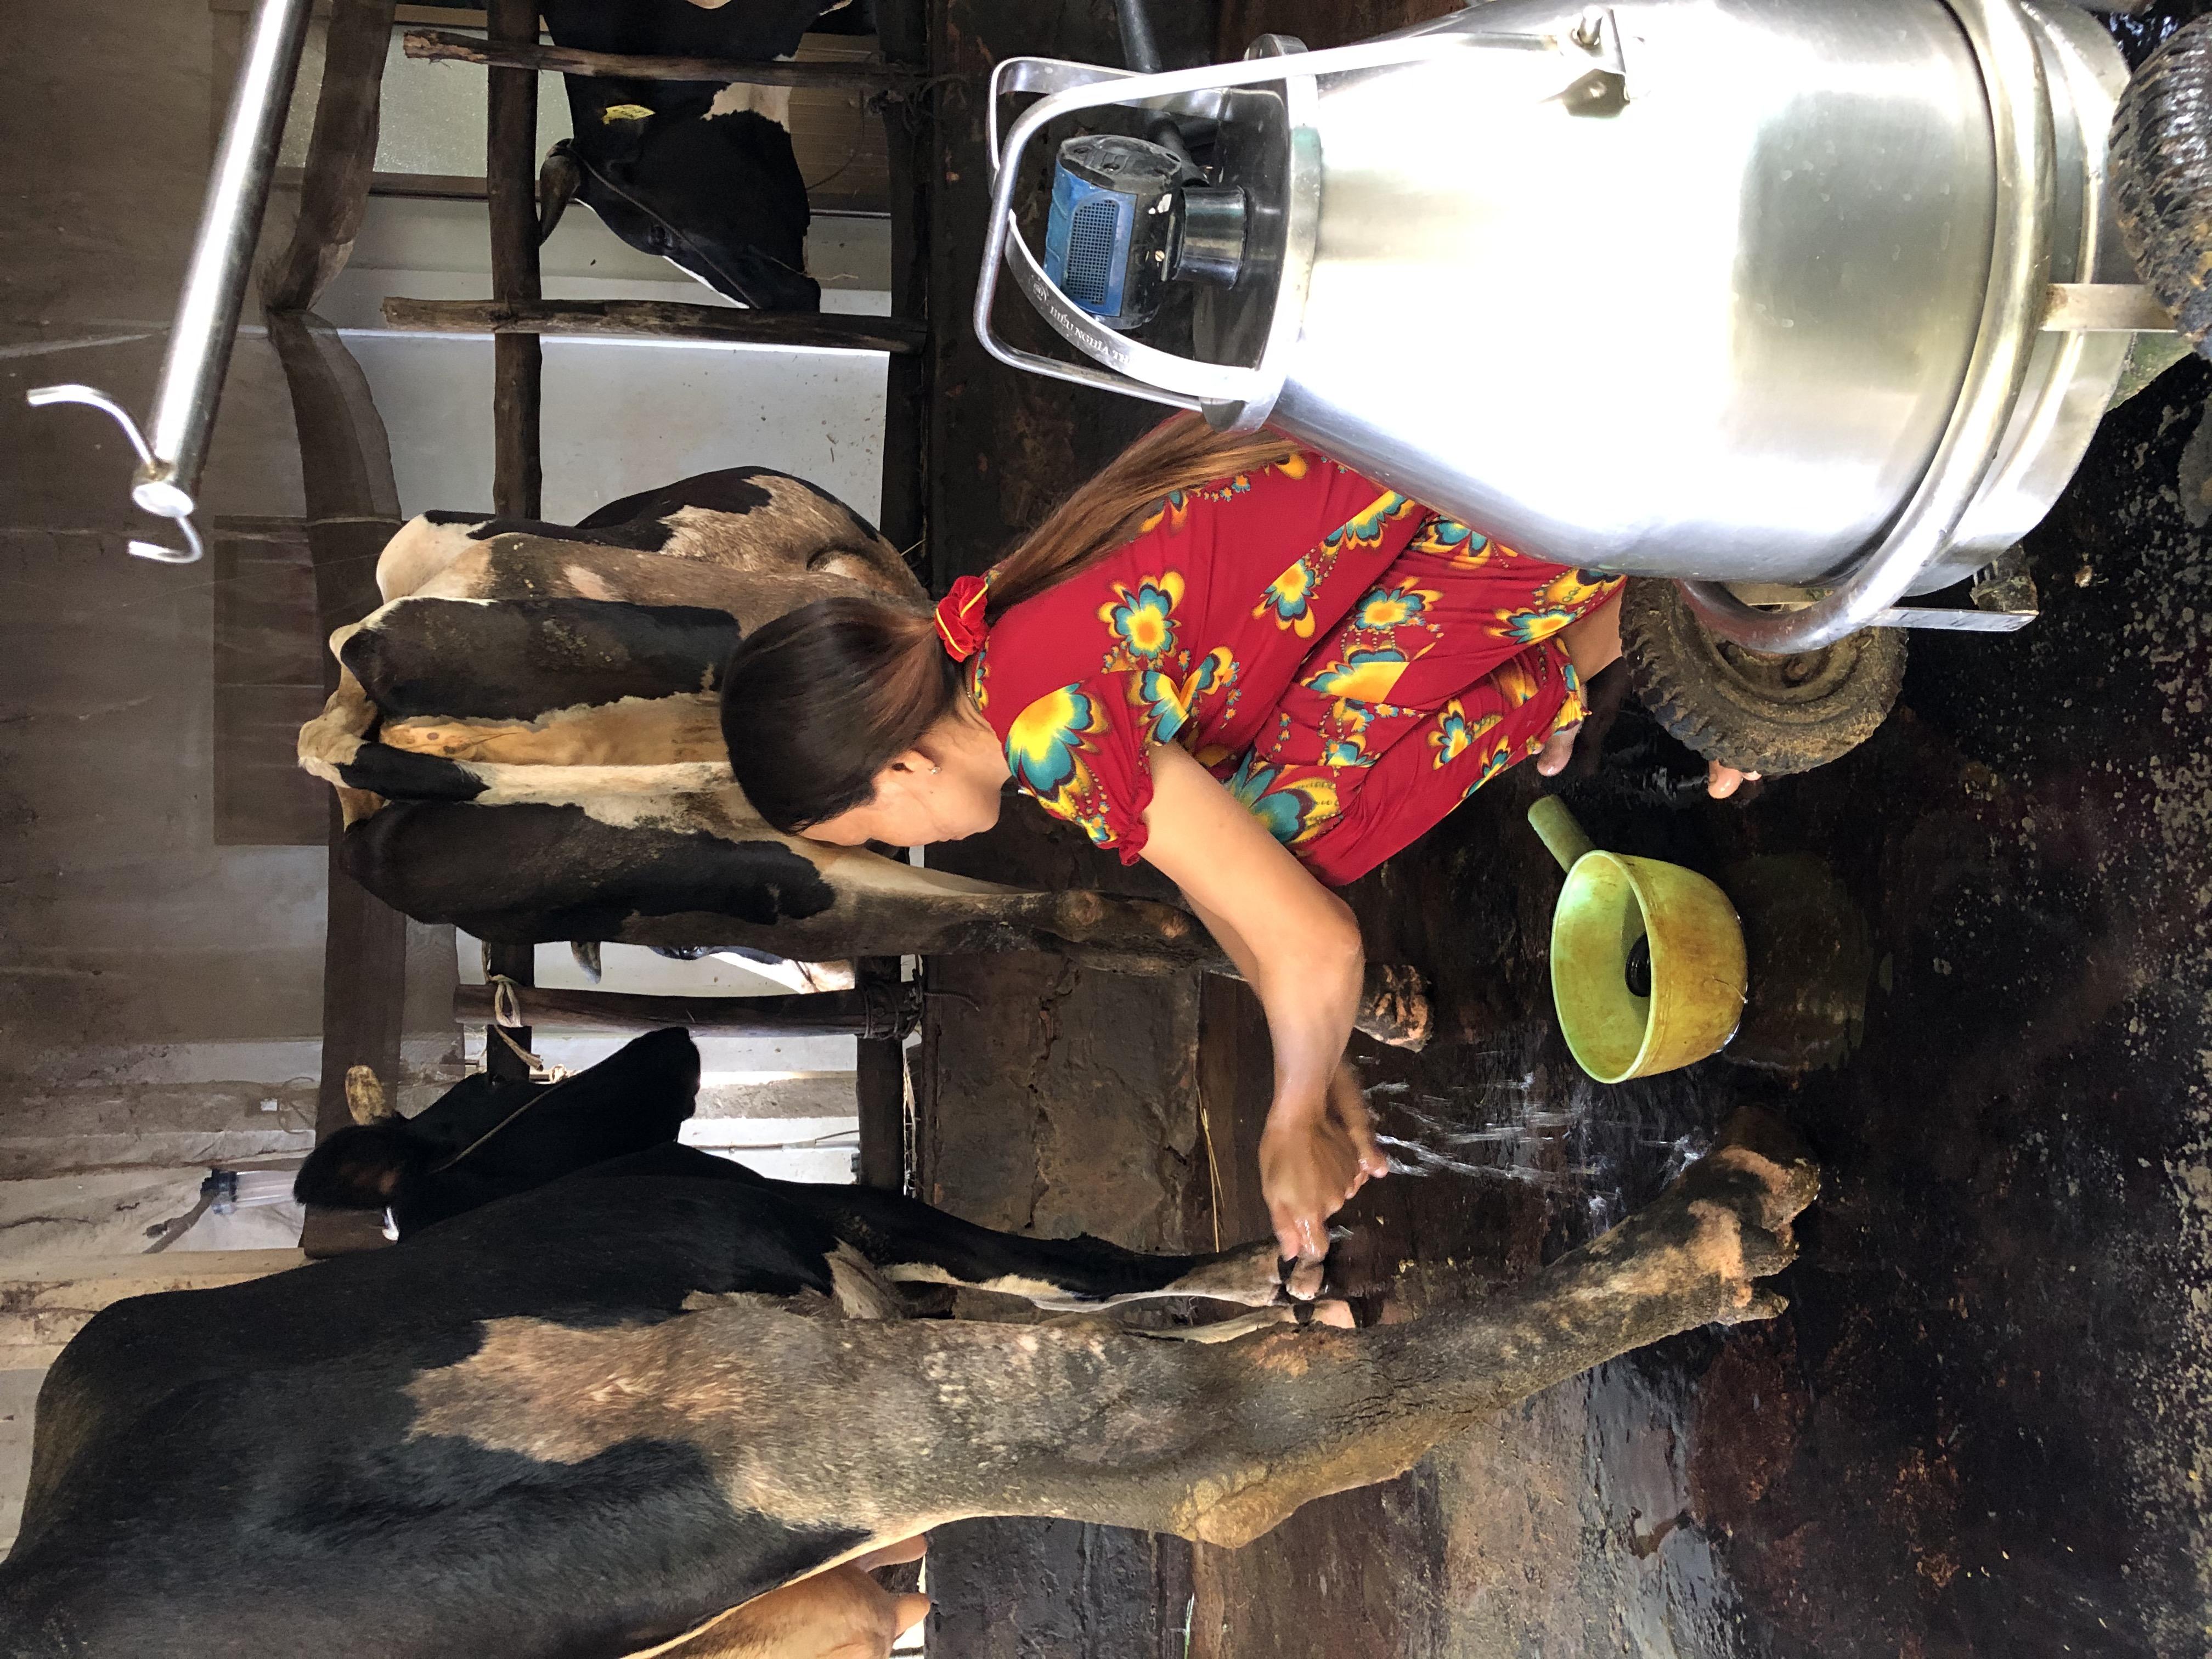 Quy trình lấy sữa từ bò